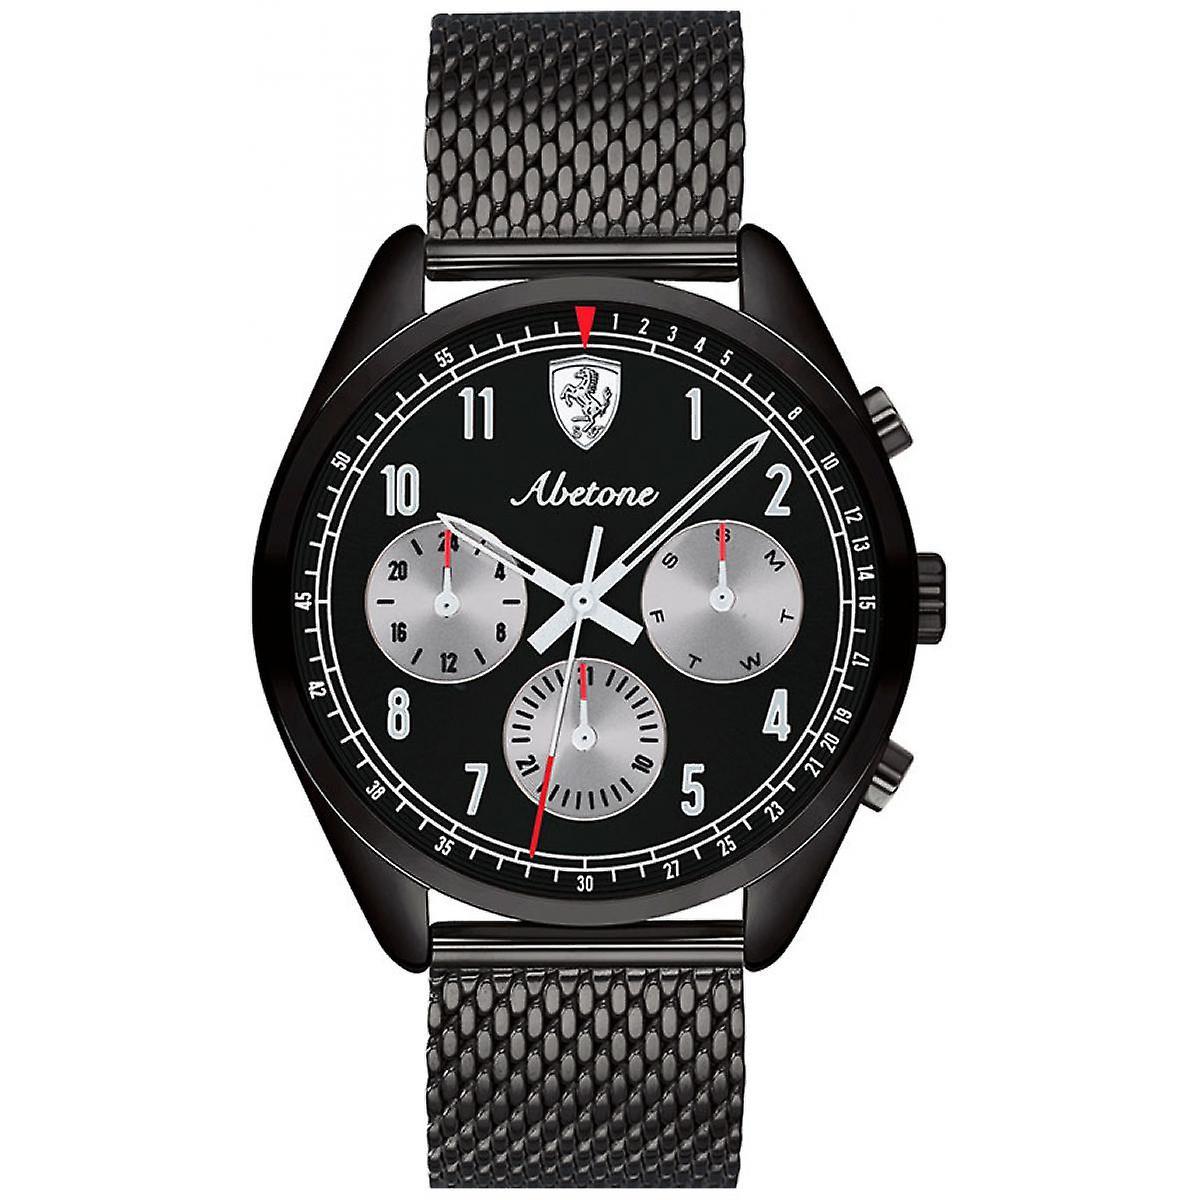 Montre Ferrari 830573 - Montre Multifonctions Acier Noir Homme